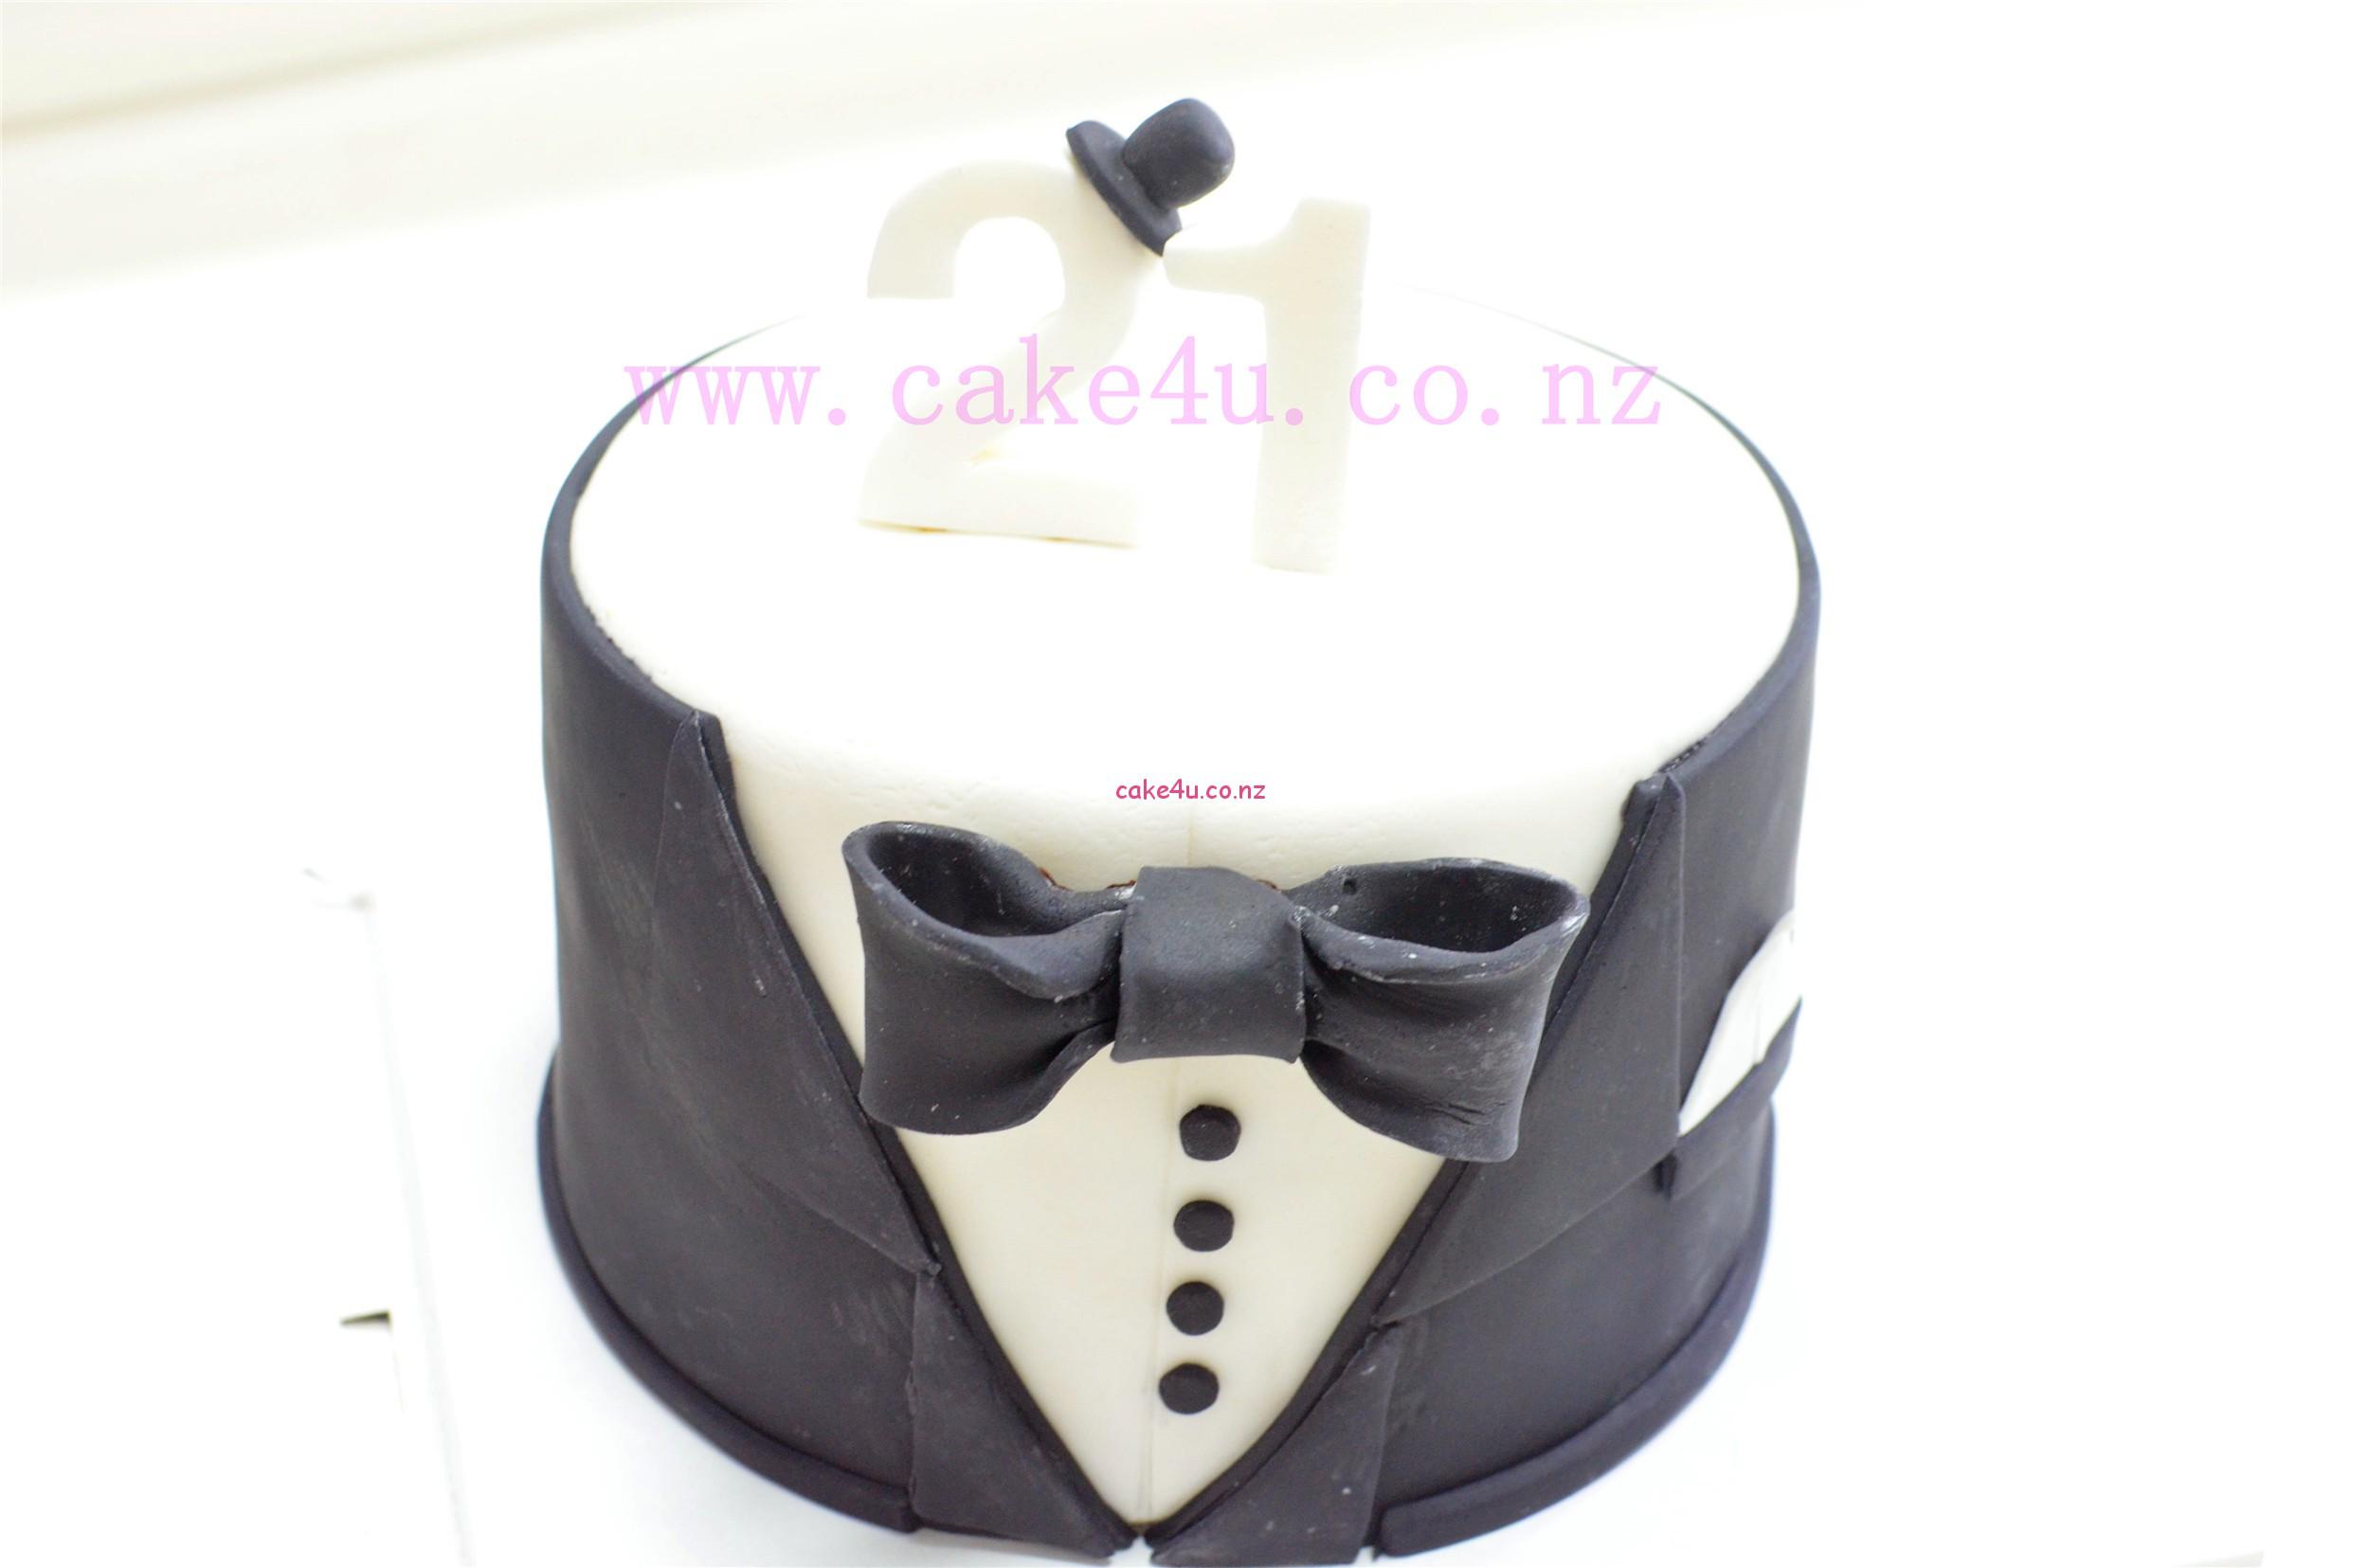 西点特工cake4u 纯手工、无添加, 为您提供高品质的蛋糕、甜点!